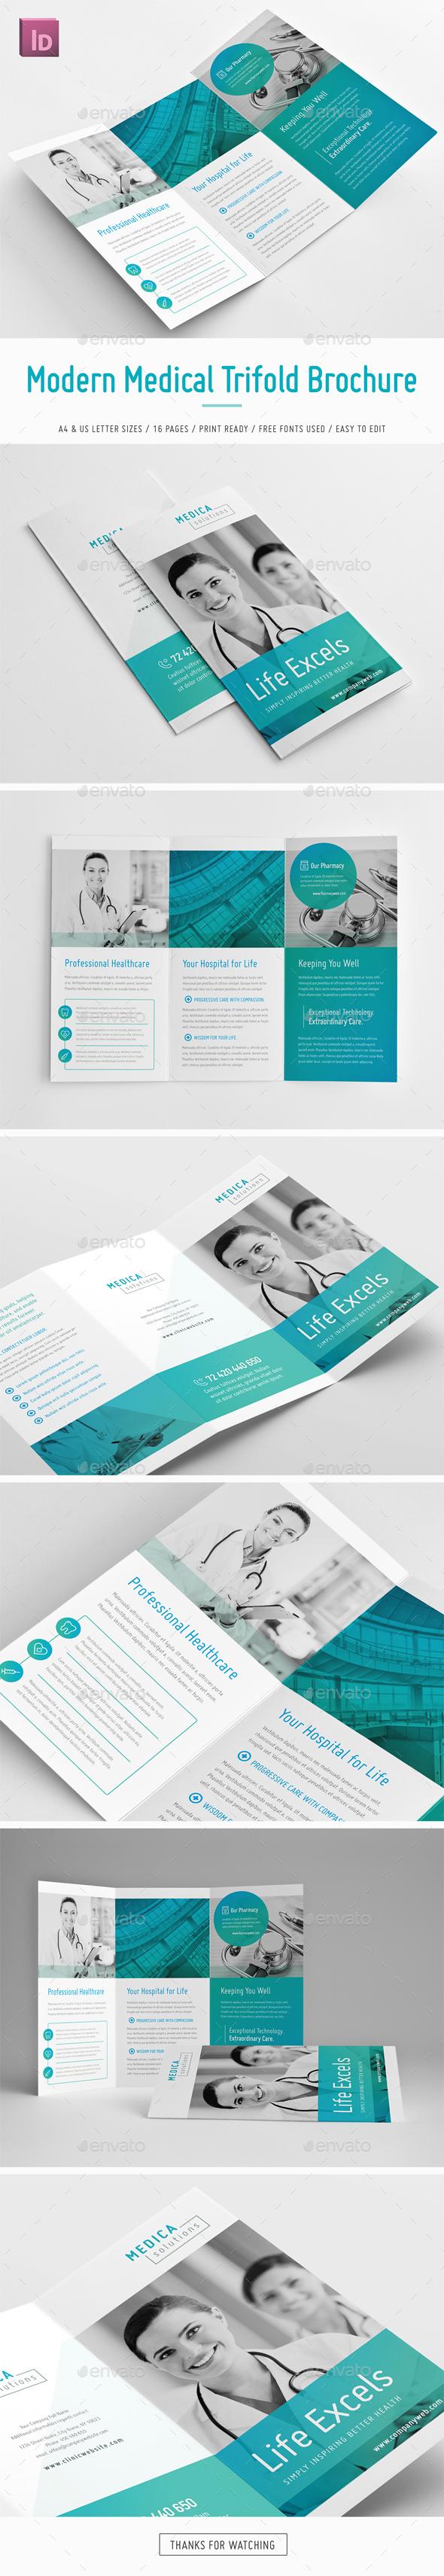 Modern Medical Trifold Brochure | Broschüre vorlage, Leporello und ...